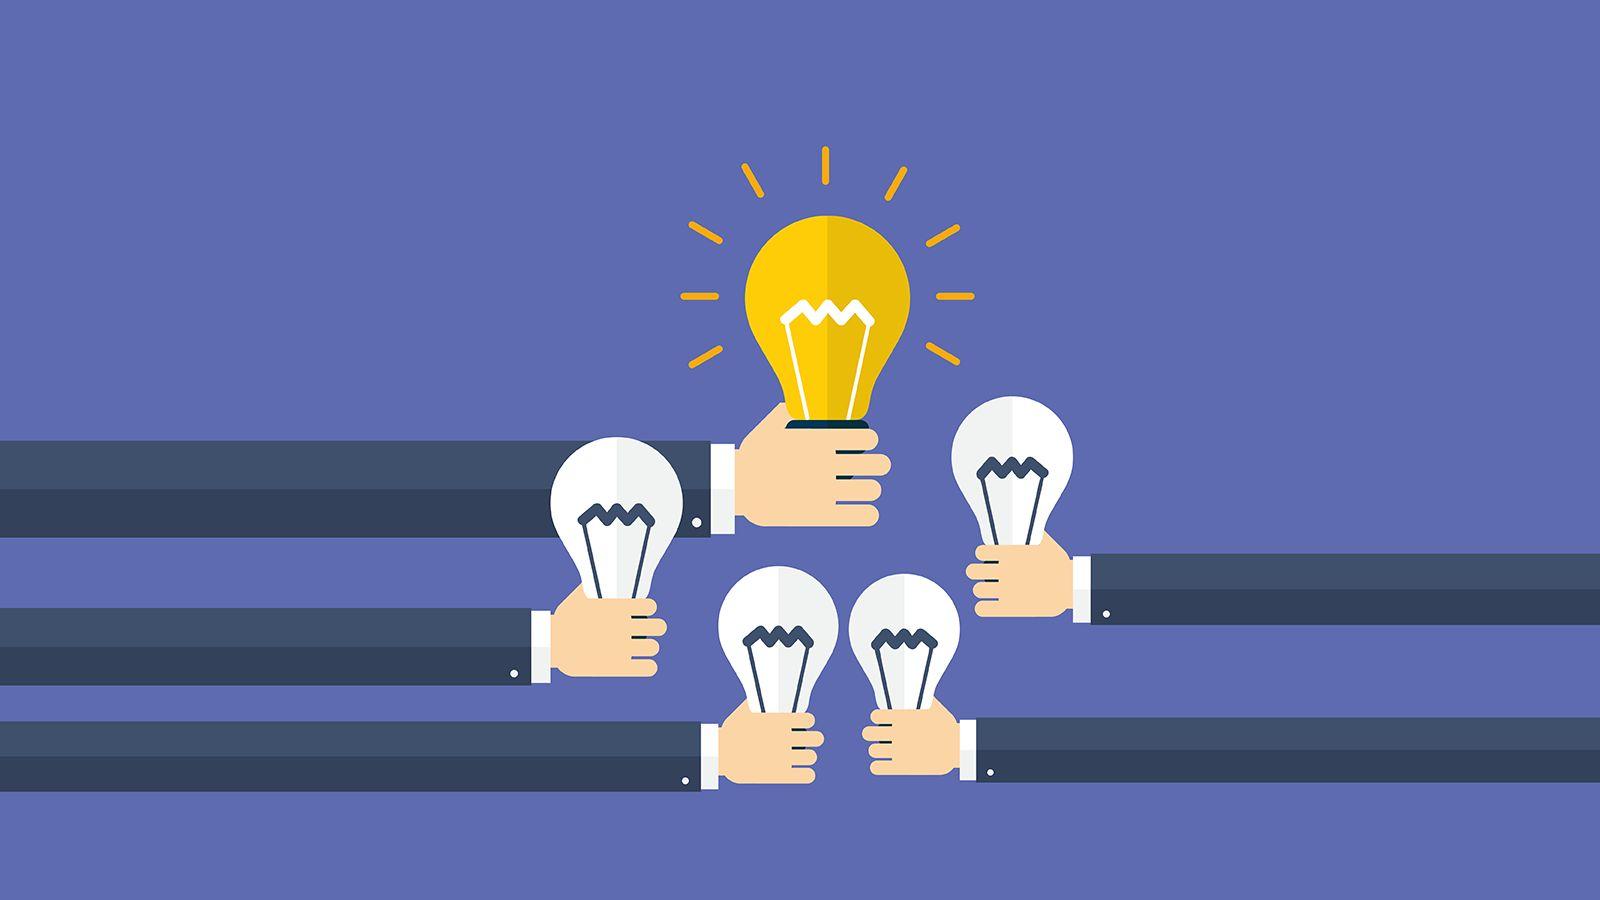 5 điều cần lưu ý khi áp dụng một công cụ mới vào doanh nghiệp